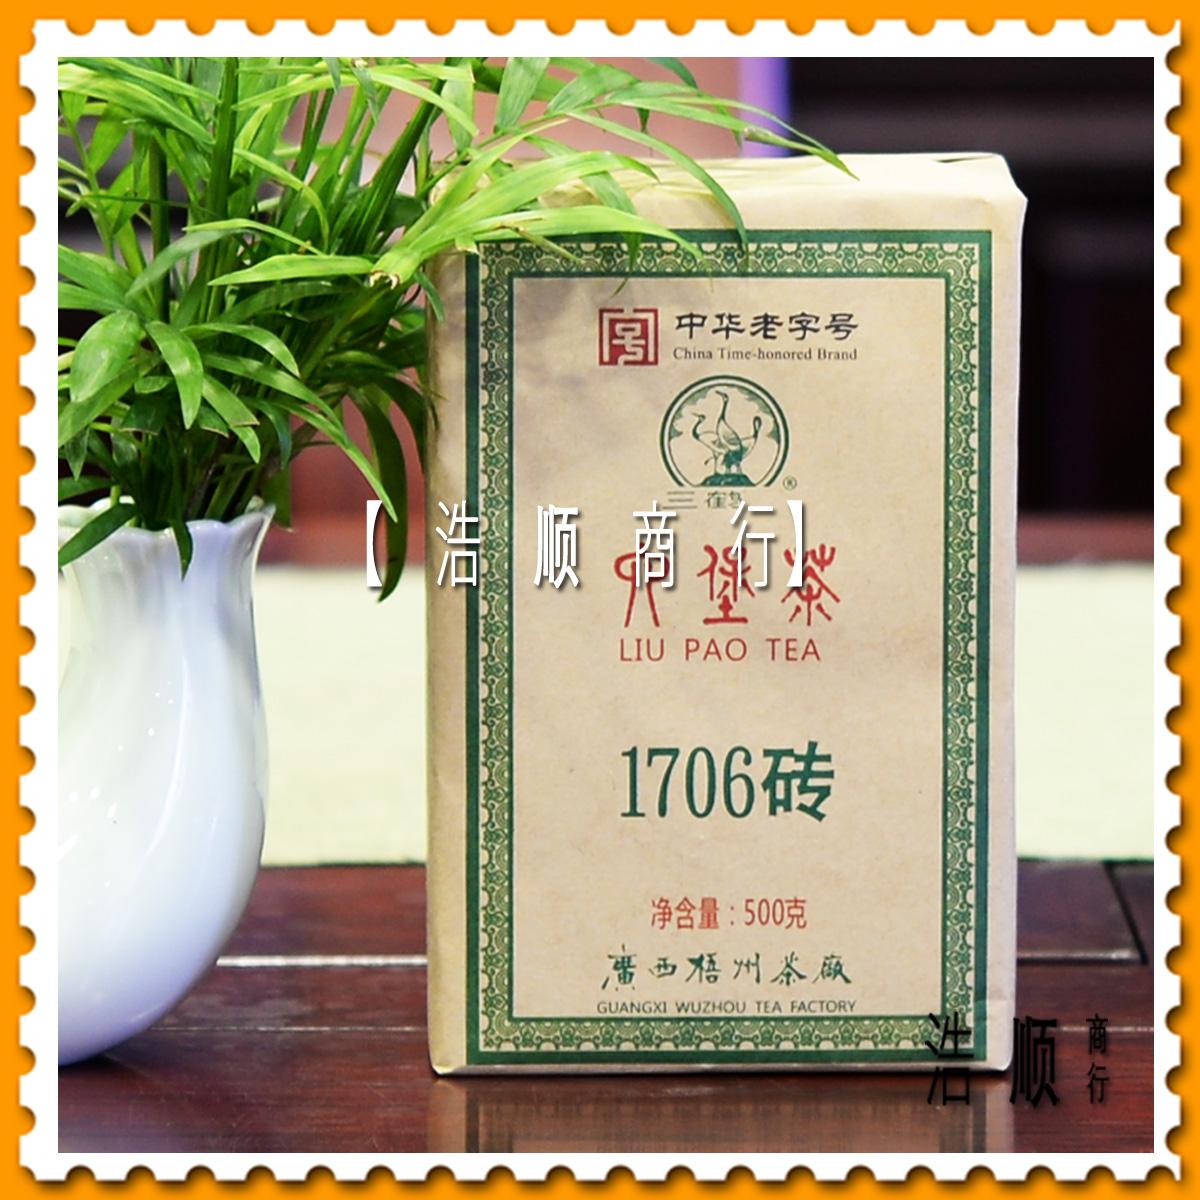 〓三鹤授权店〓【浩顺商行】梧州茶厂2019年三鹤1706六堡茶砖